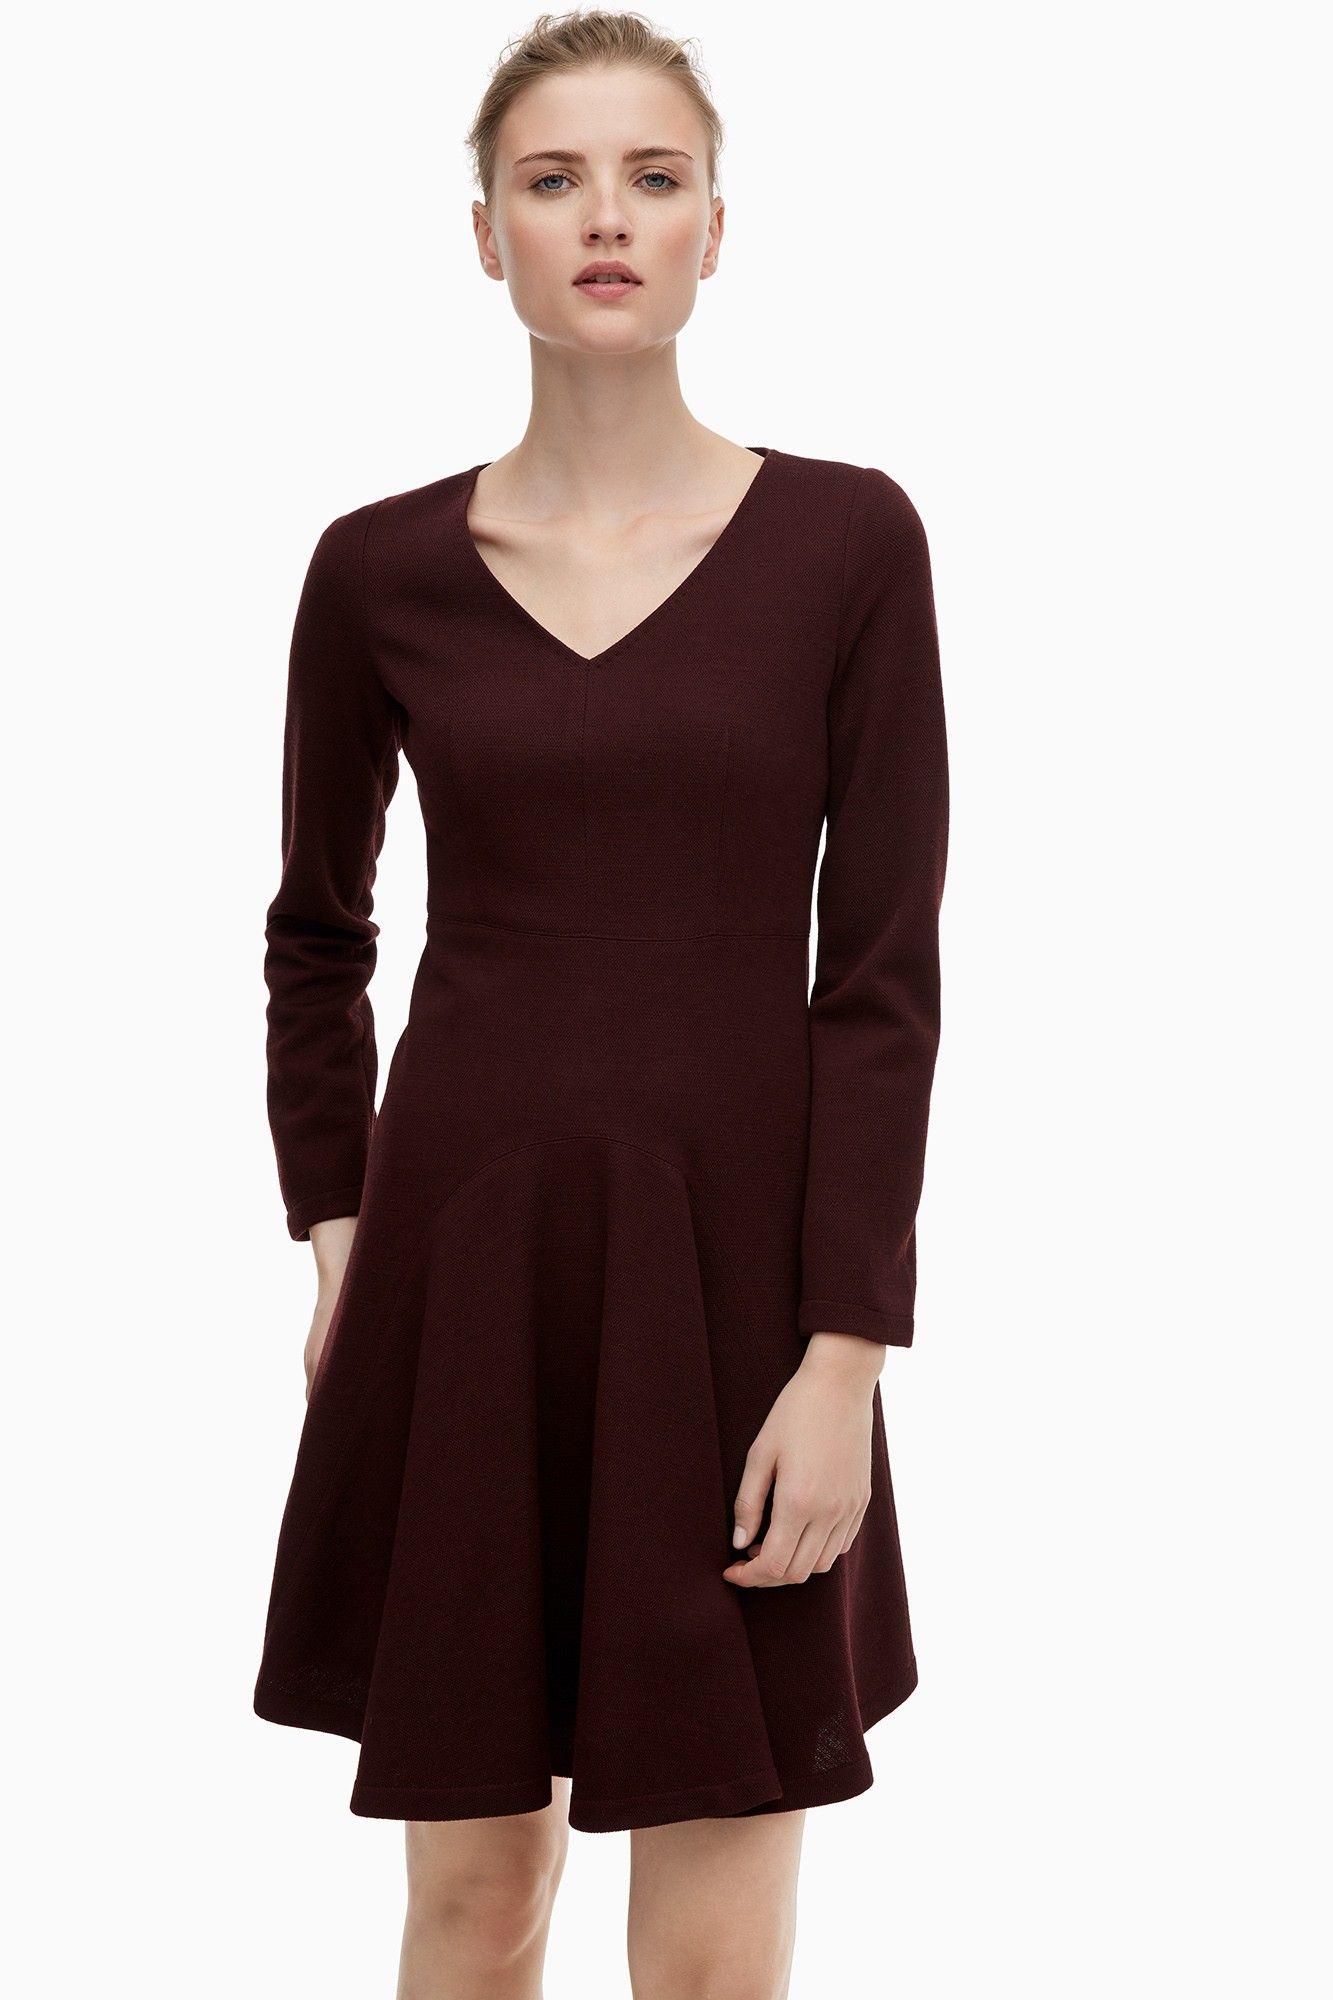 Long-Sleeve V-Neck Skater Dress - Belle du Jour | Adolfo Dominguez shop online